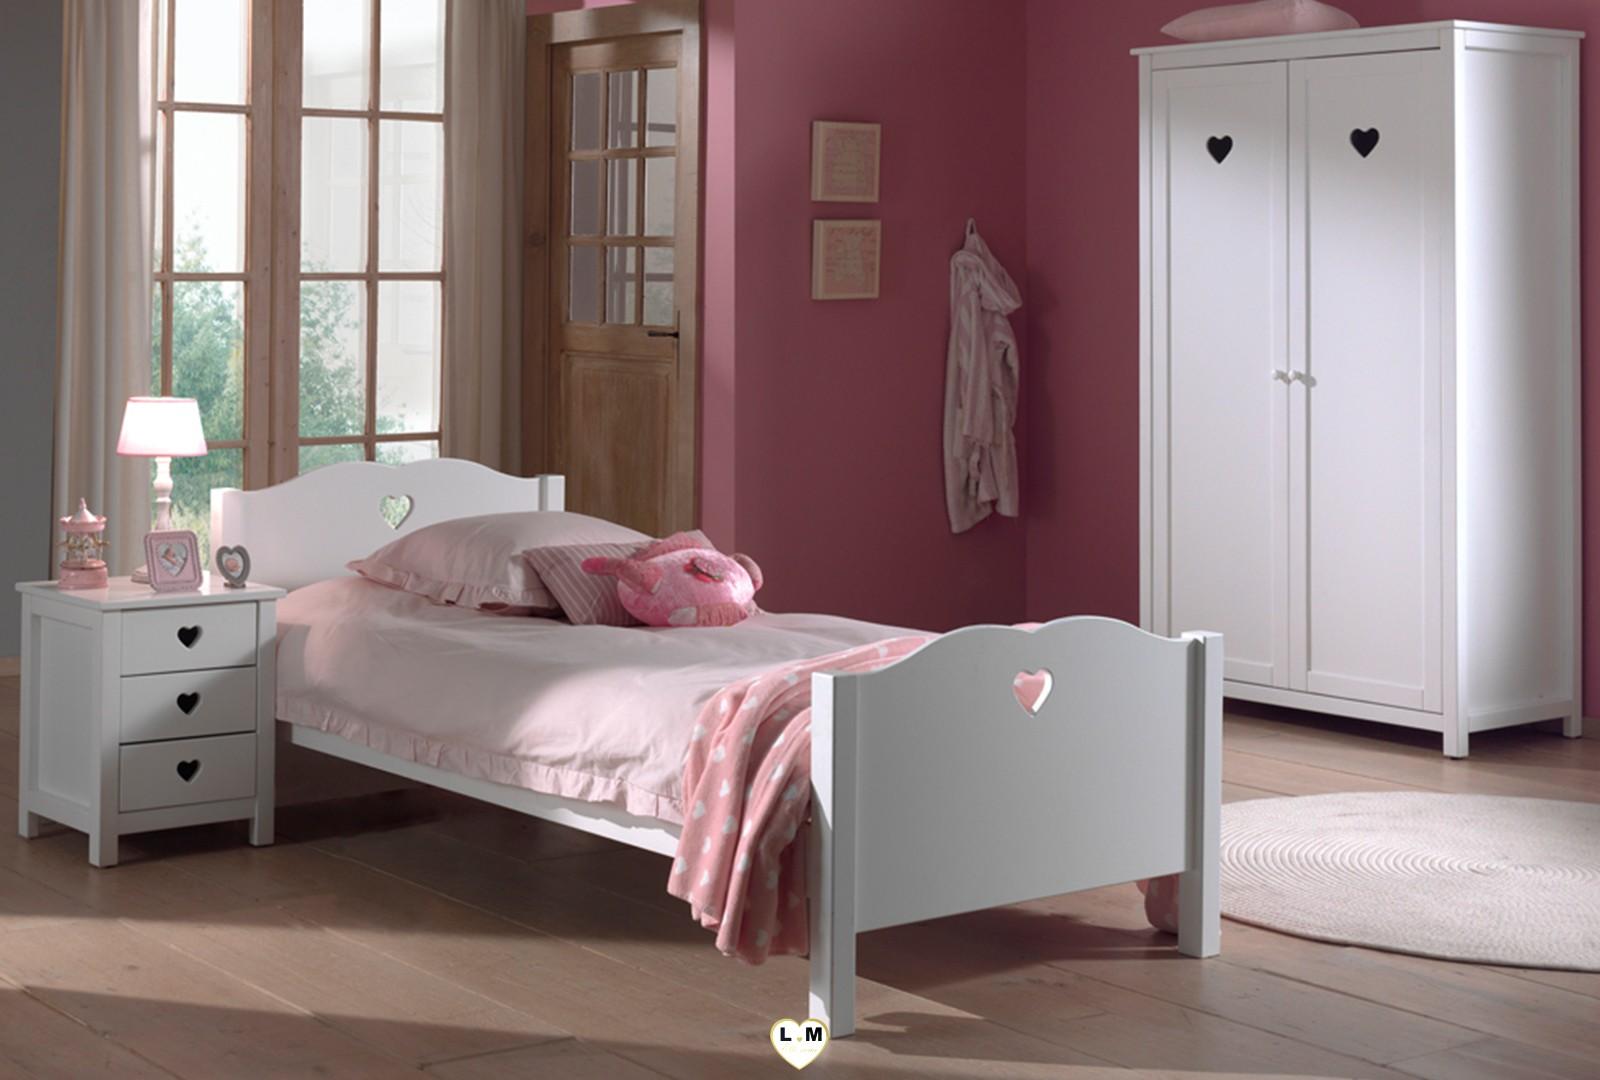 amour baldaquin laque blanc mat ensemble chambre enfant lignemeuble com. Black Bedroom Furniture Sets. Home Design Ideas